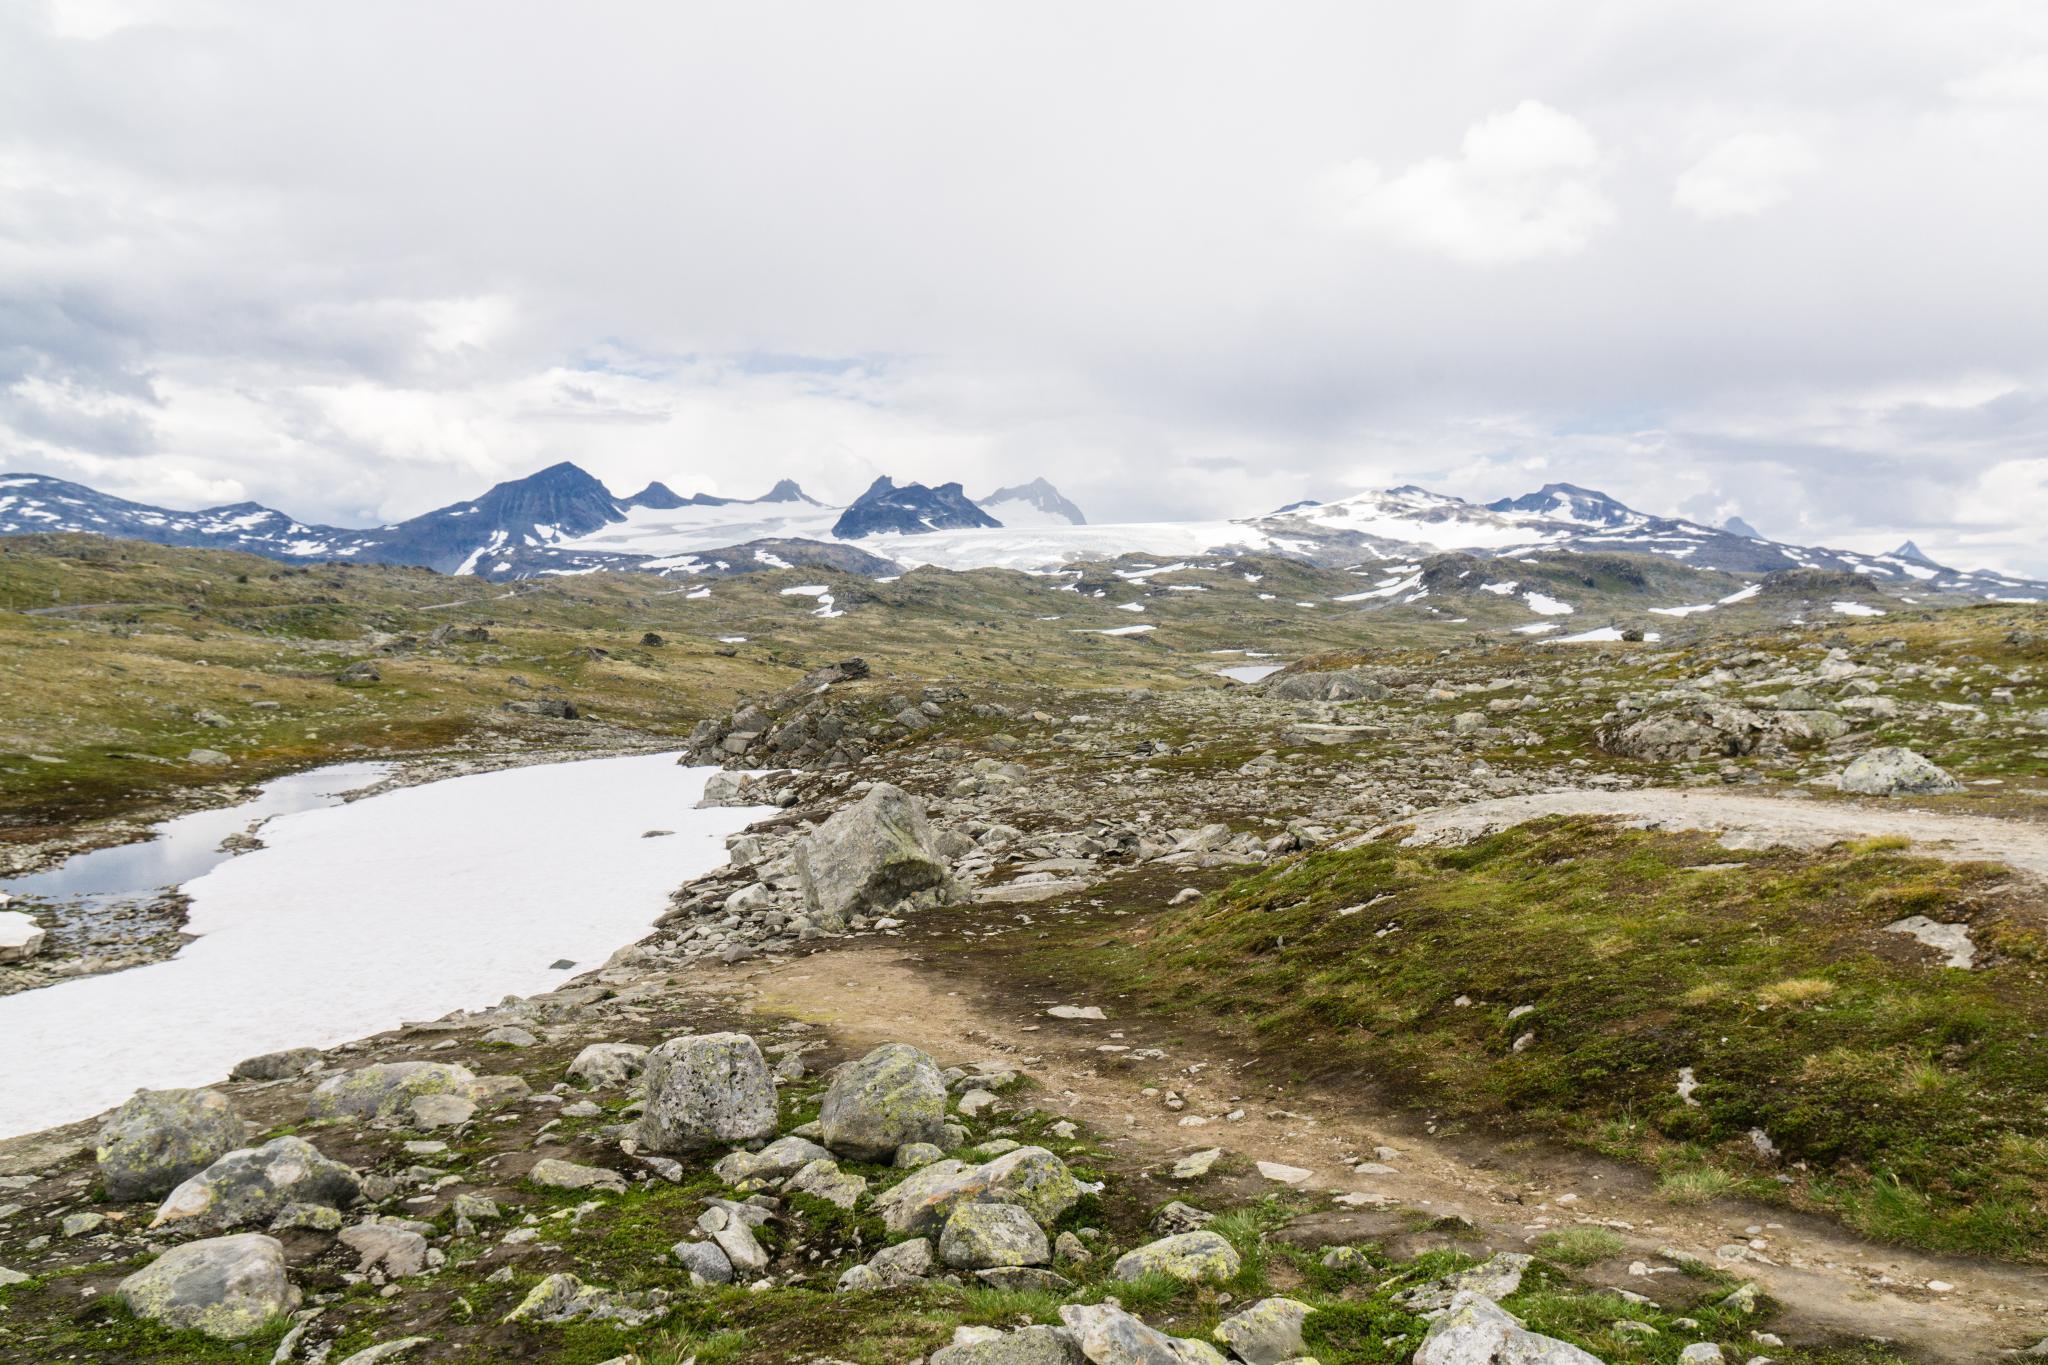 【北歐景點】穿越挪威的屋脊 - 前進北歐最美的冰原景觀公路 Fv55松恩山路 (Sognefjellet) 29